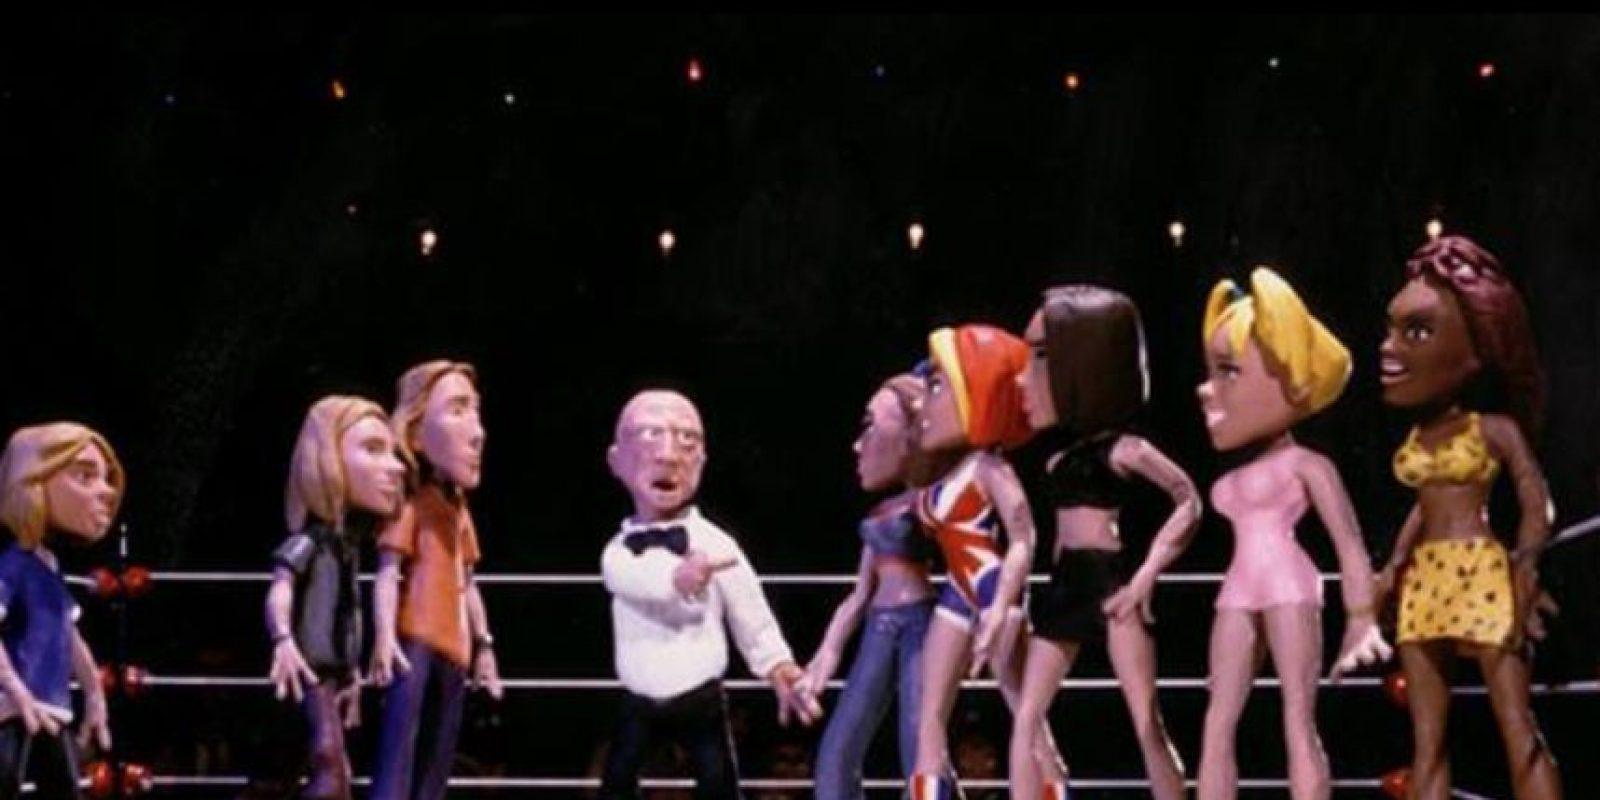 """Una de las peleas más recordadas sucedió en 1998, en el """"DeathBowl"""". Las """"Spice Girls"""" peleaban contra los """"Hanson"""" por ser la """"Banda más irritante del pop"""" Foto:vía MTV"""